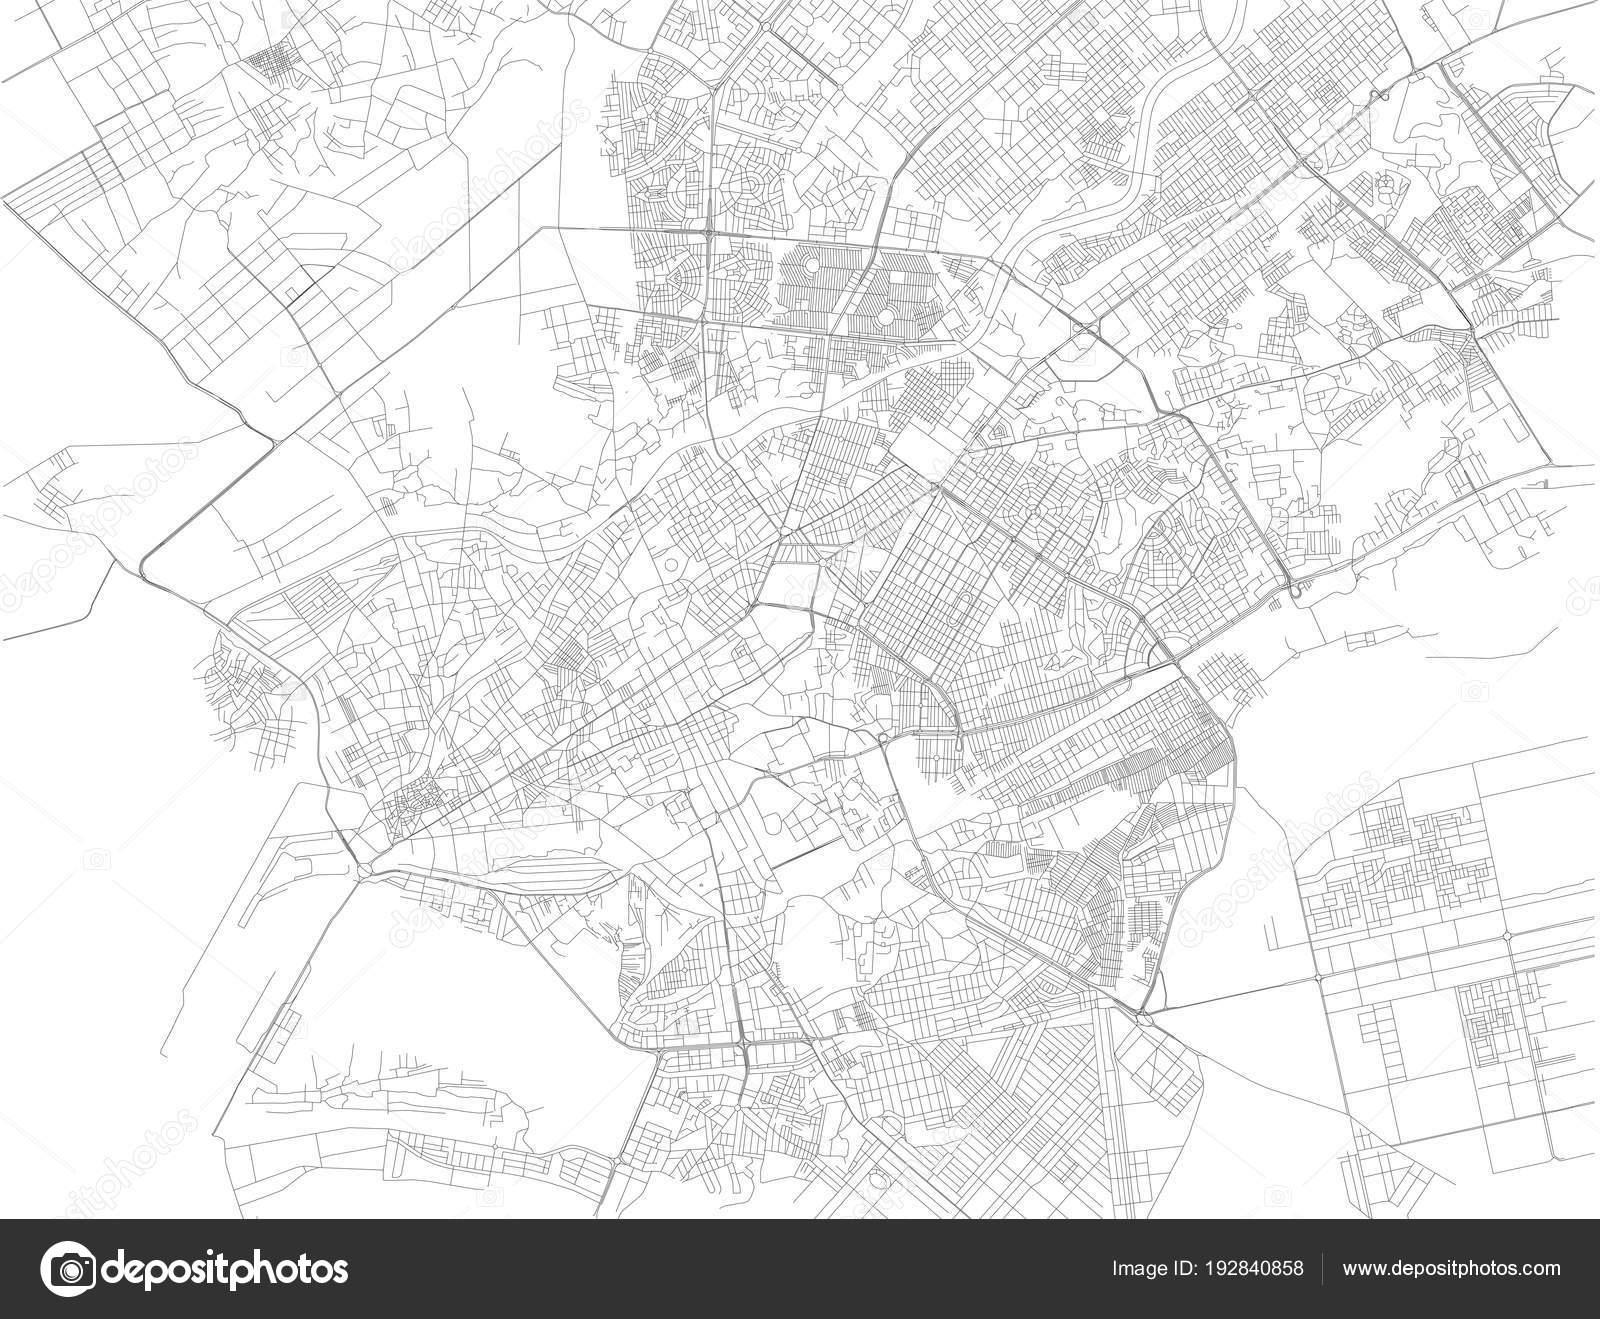 Map Of Asia Karachi.Map Karachi Capital Pakistani Province Sindh Pakistan Asia Stock